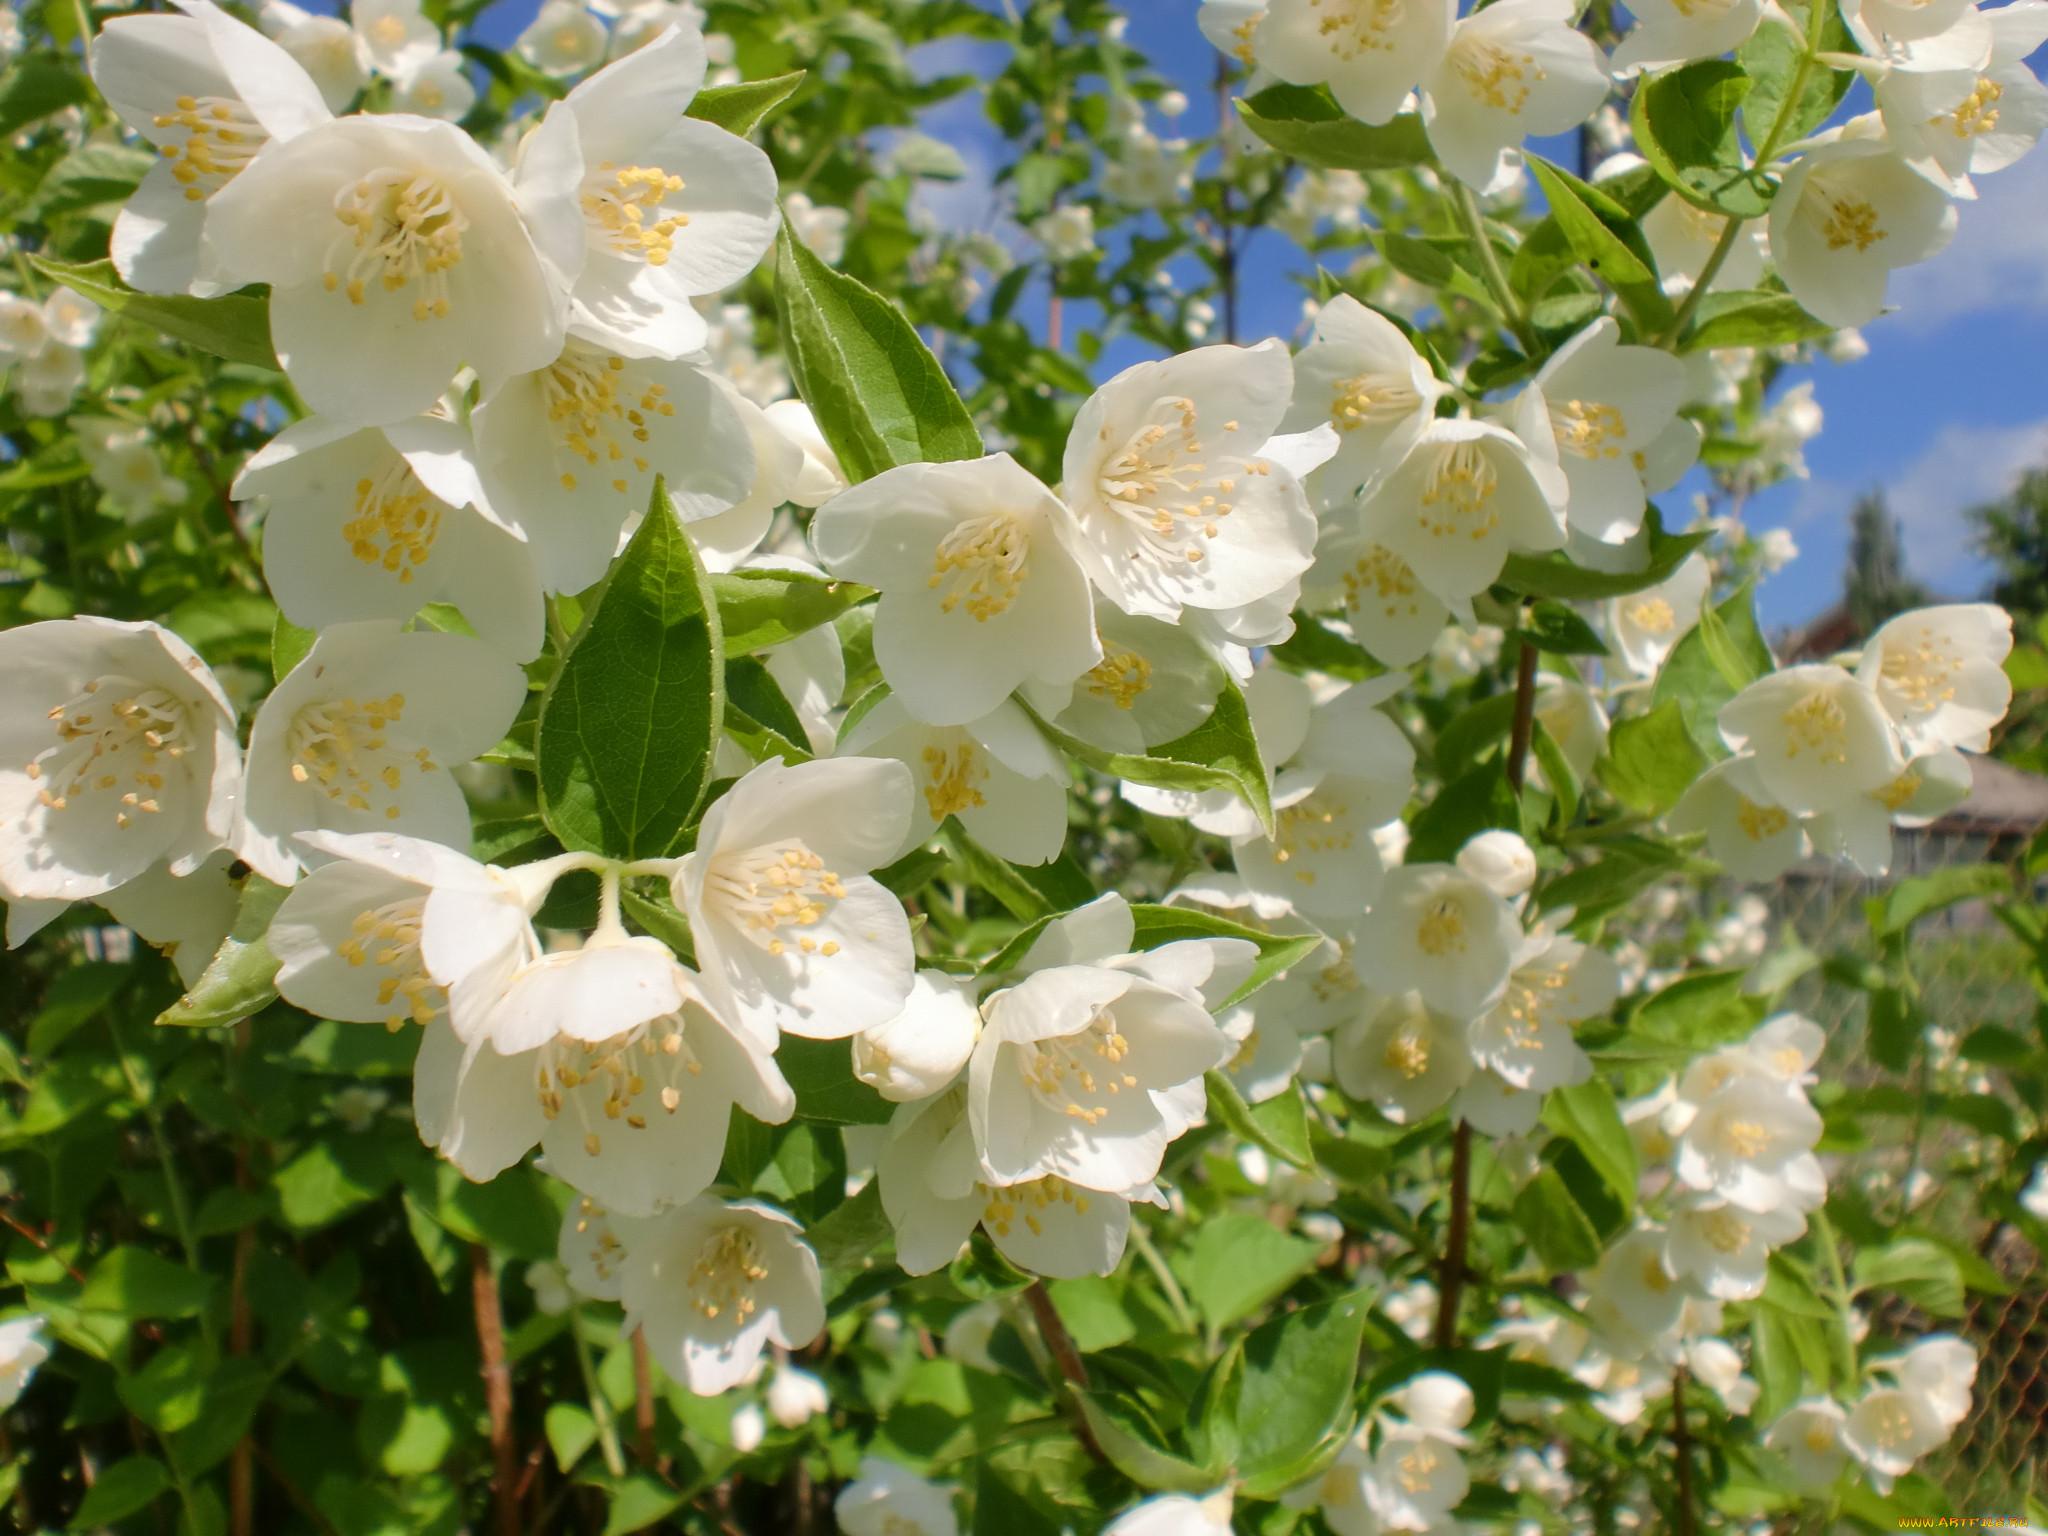 Фото цветов жасмина высокого разрешения